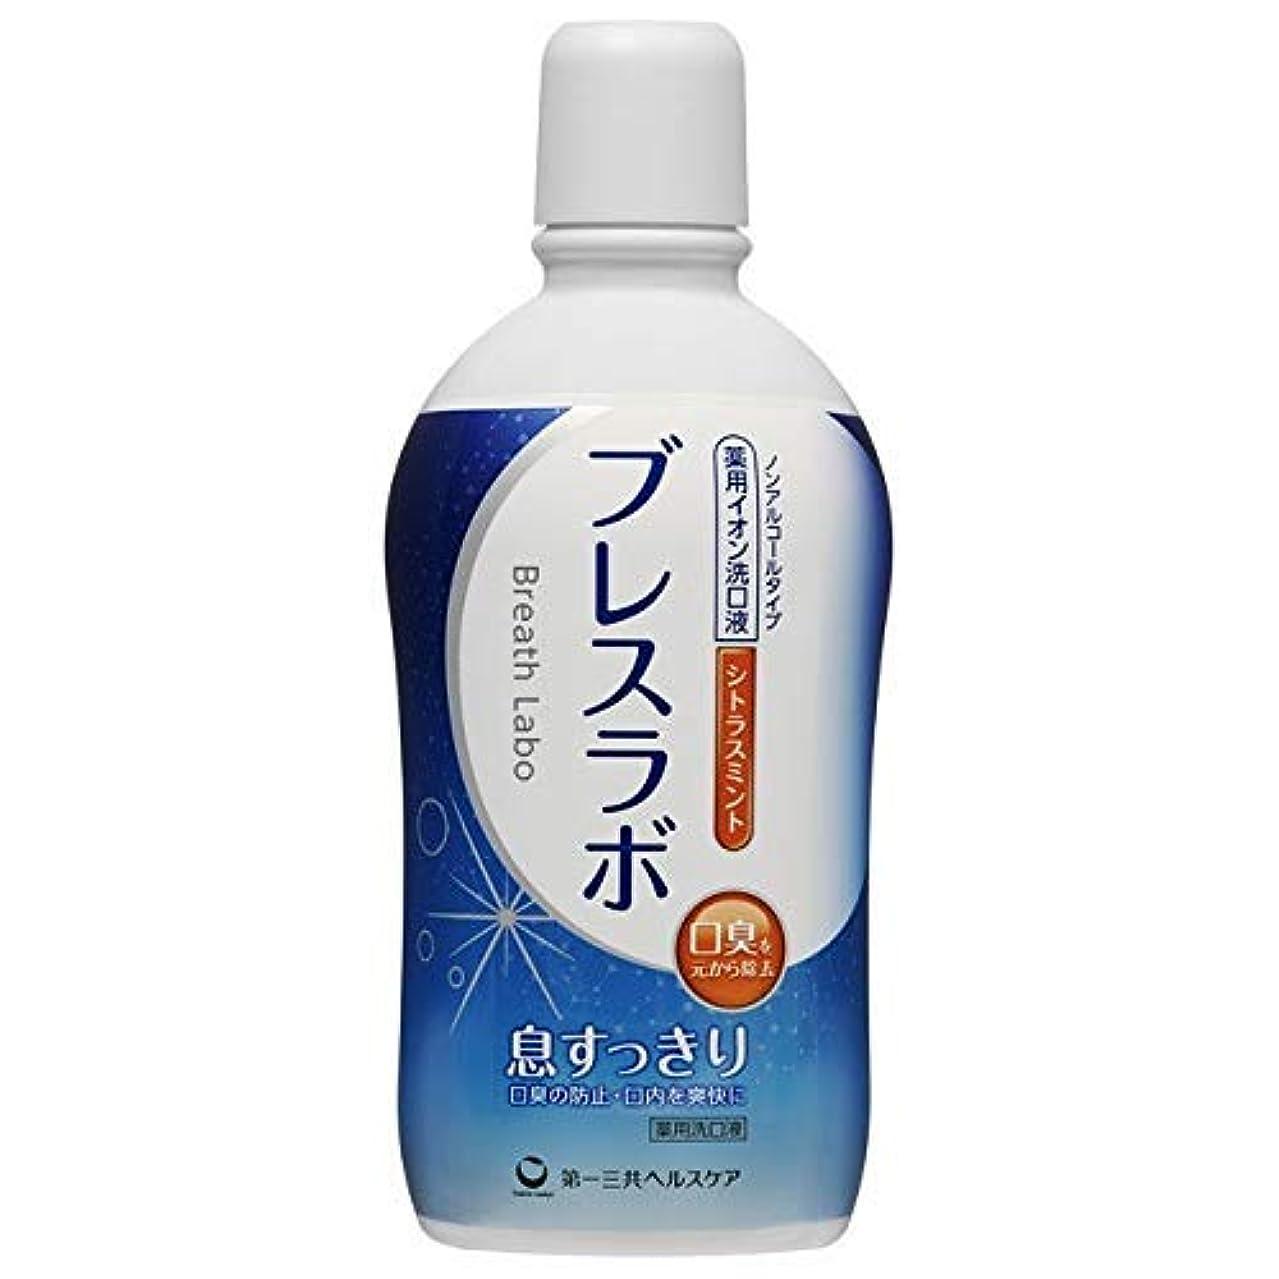 レイア行方不明メロディアス第一三共ヘルスケア 薬用イオン洗口液 ブレスラボ マウスウォッシュ シトラスミント 450mL